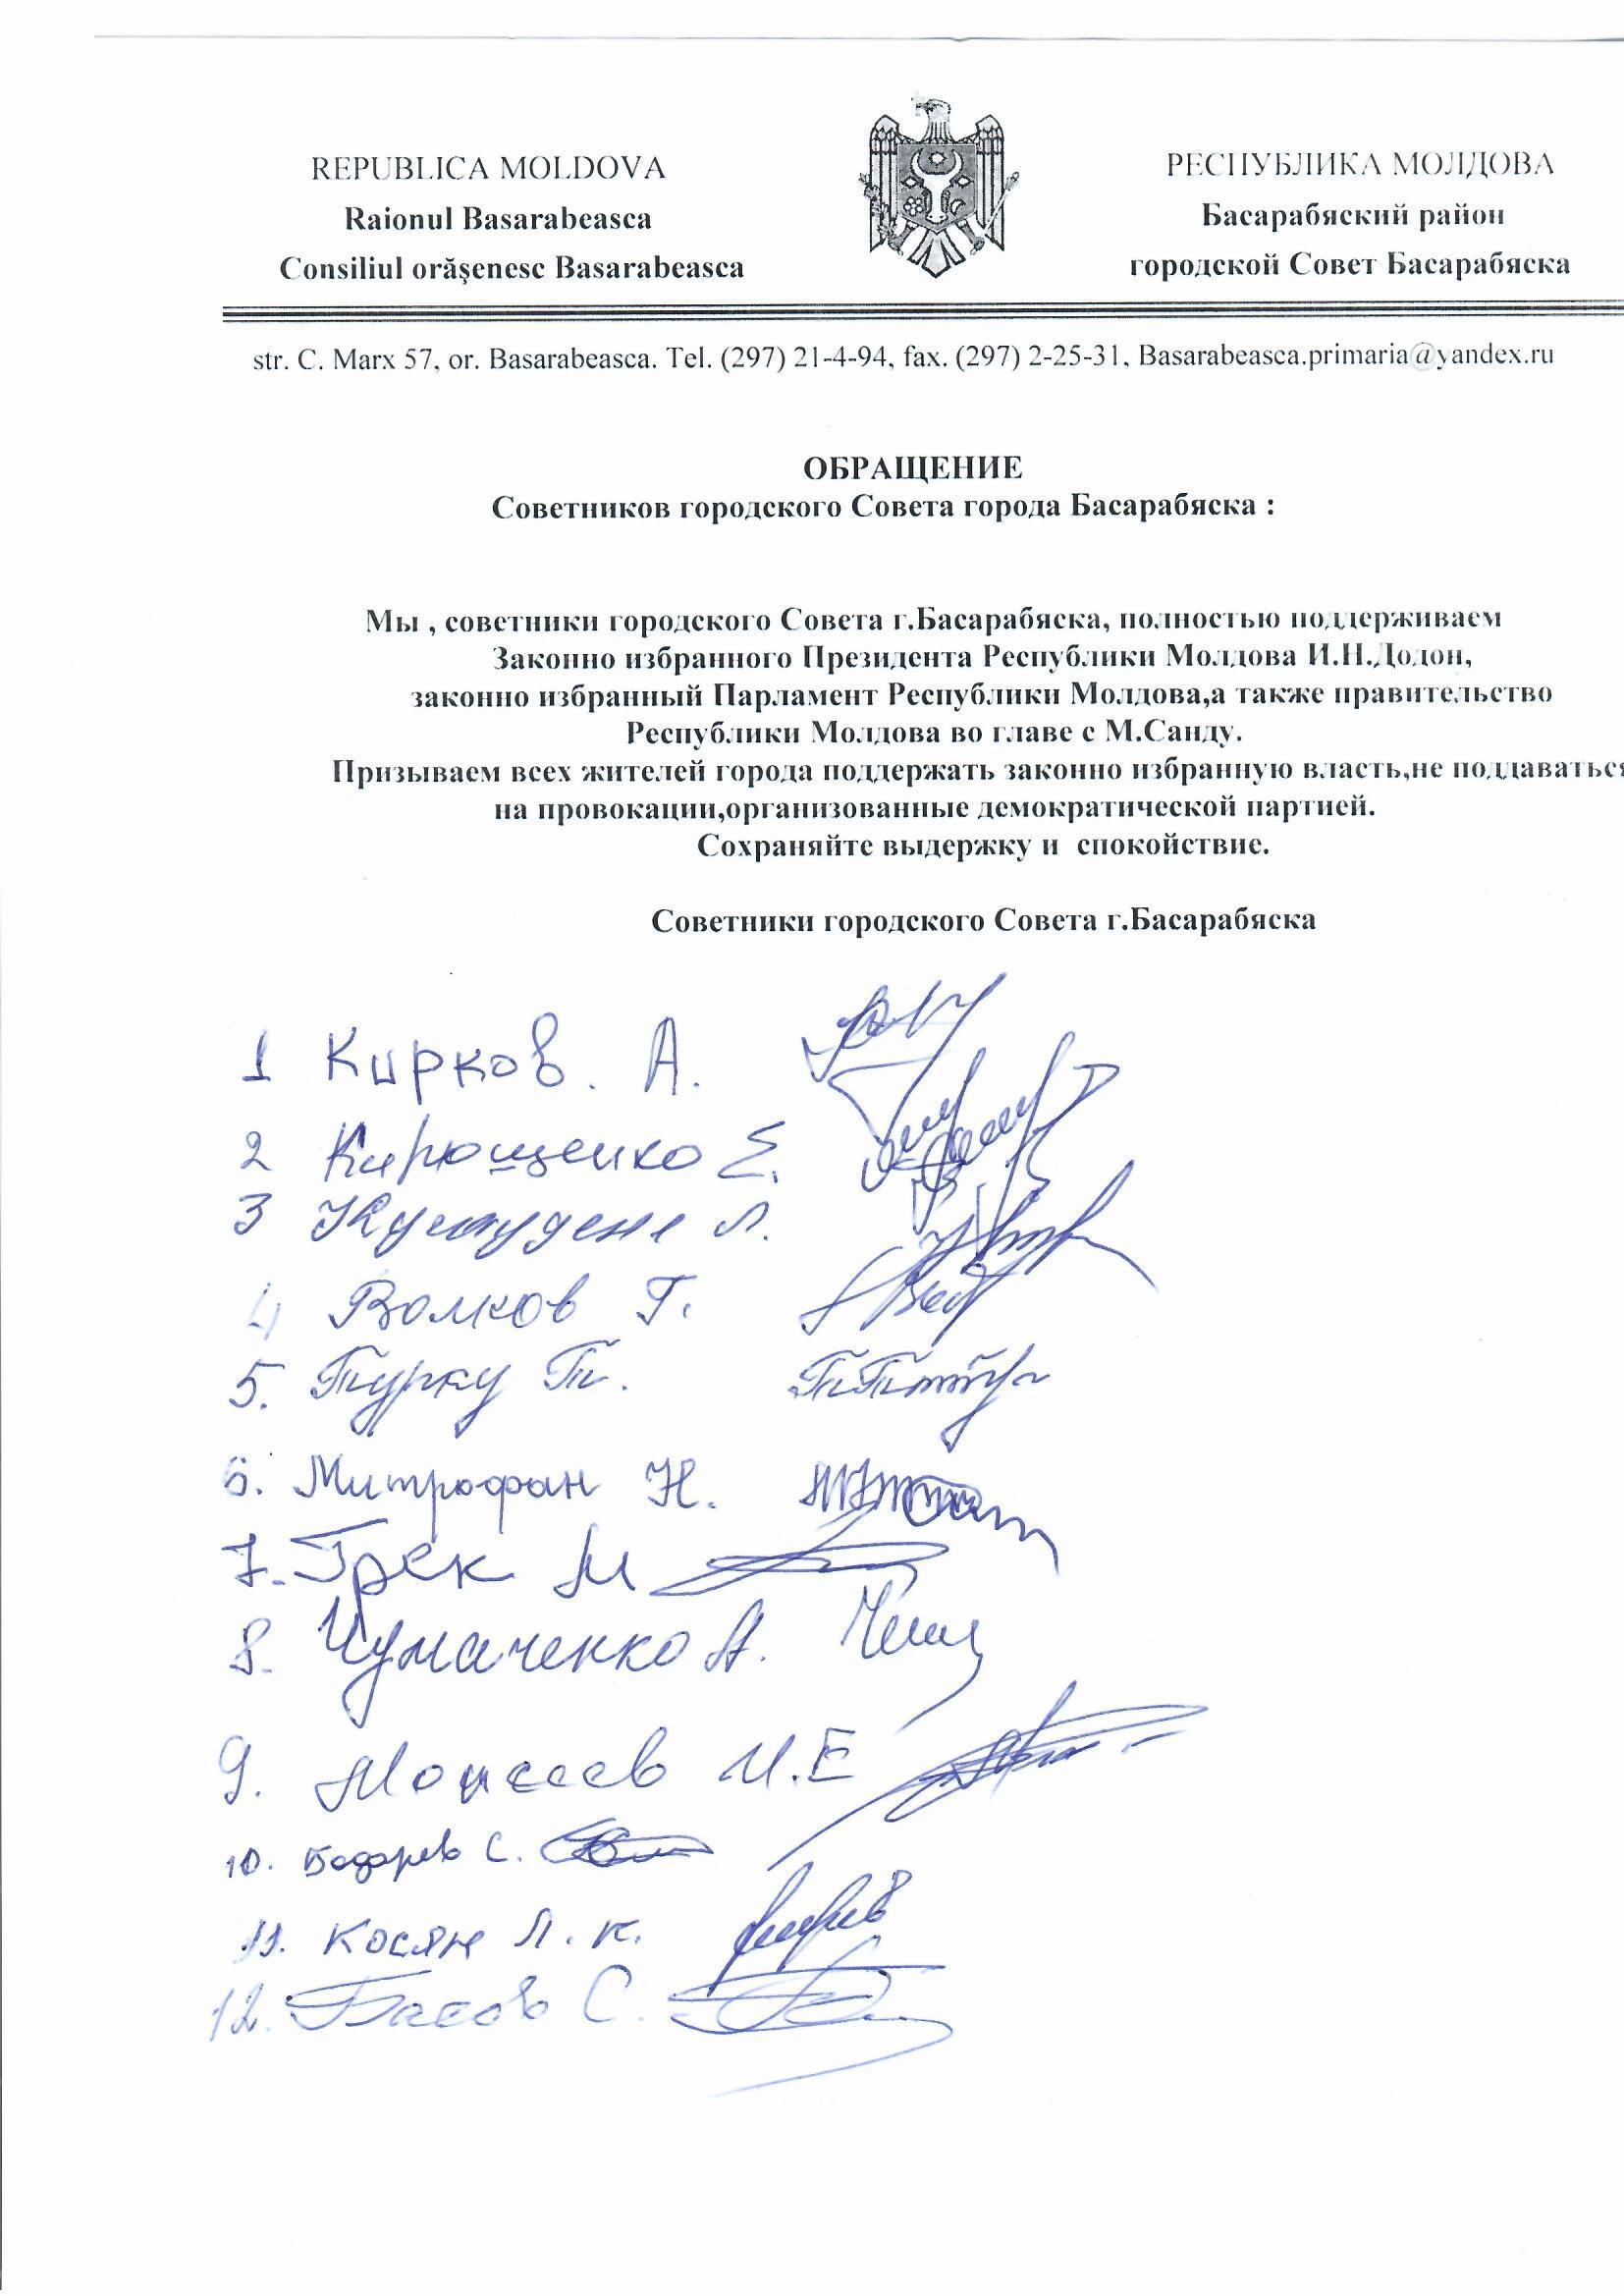 Декларация в поддержку легитимного парламента и правительства советников городского Совета  Басарабяска